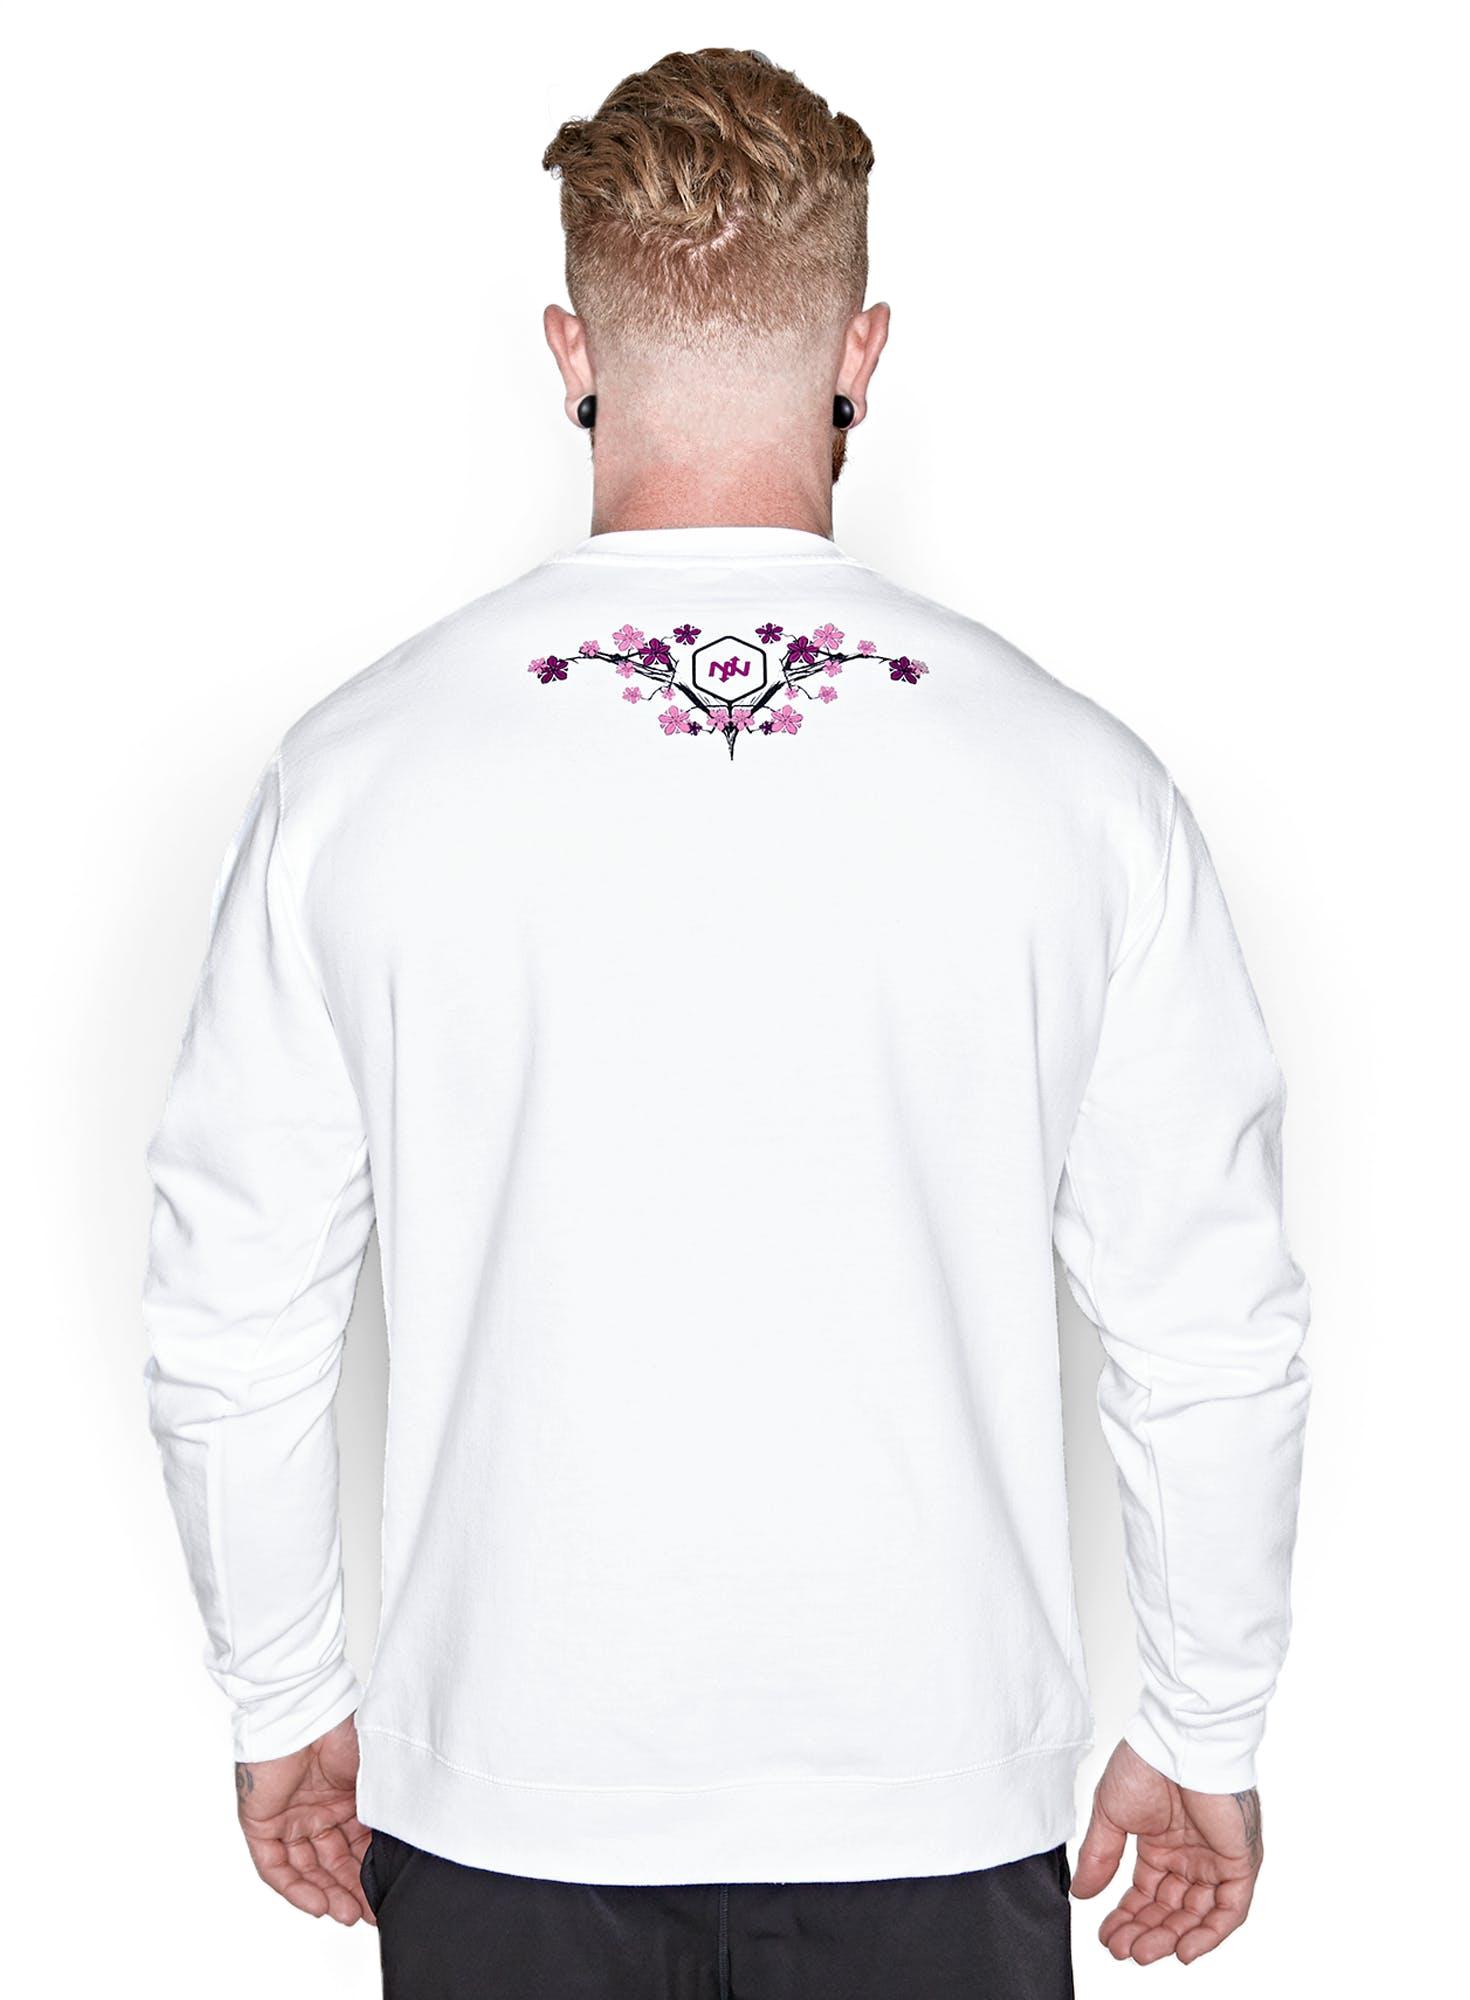 Primal Samurai Crew Sweatshirt Bonus Image